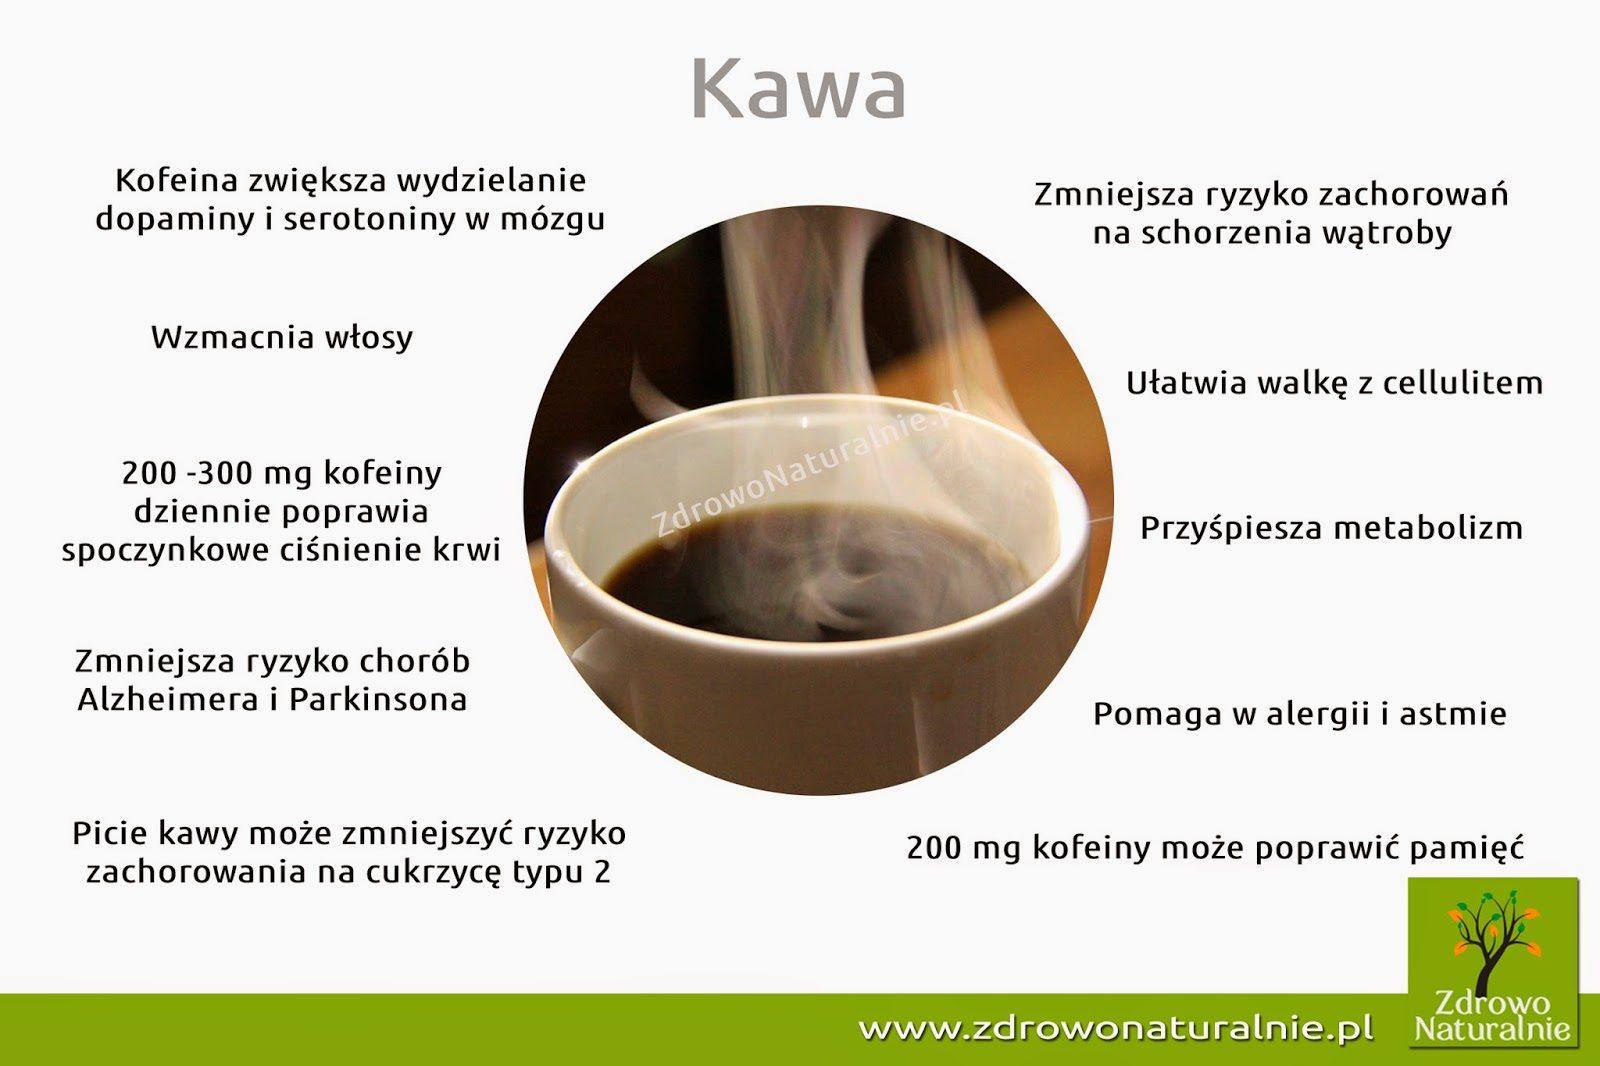 kawa-9257598